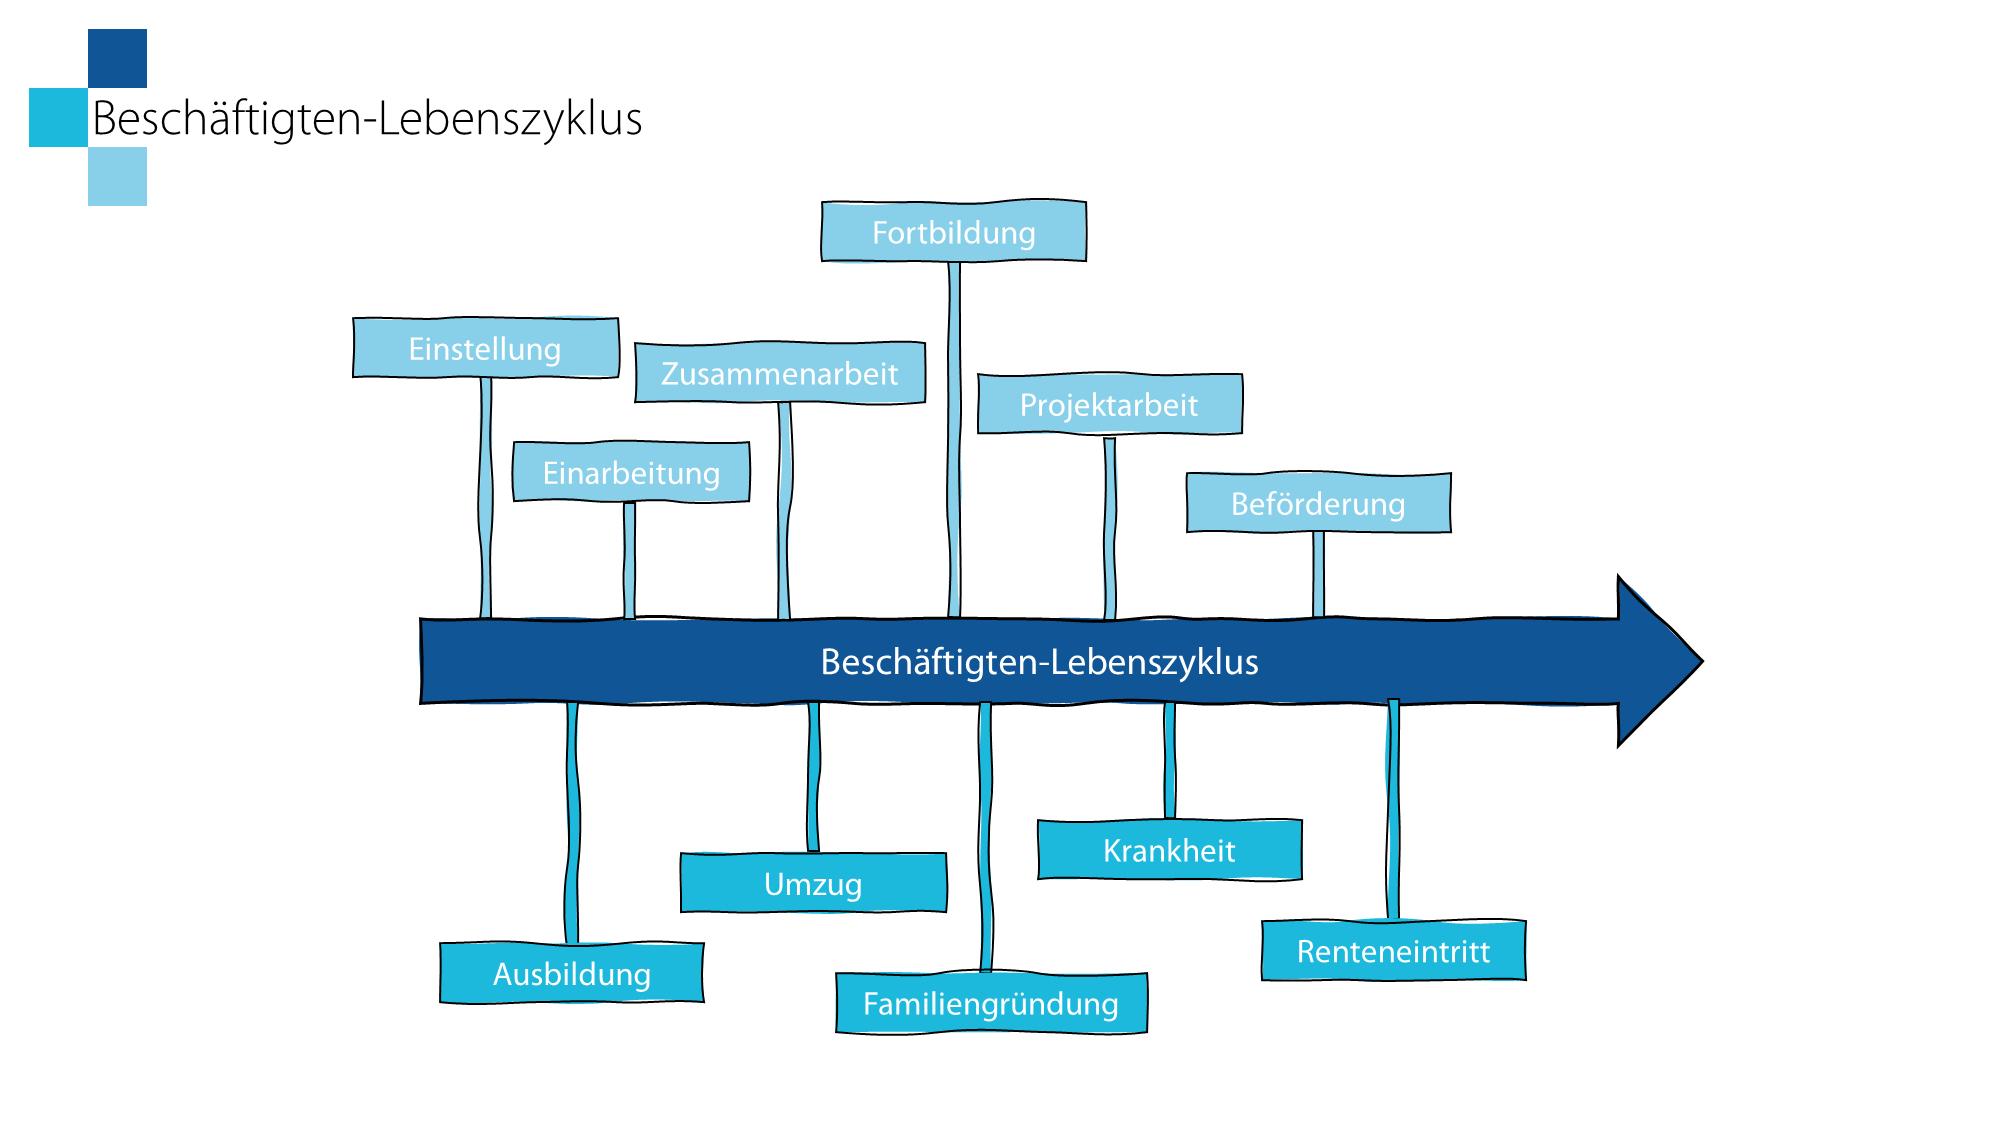 Schritt 3: Im Anschluss erklärt der LoDiLe den Beschäftigten-Lebenszyklus als Grundlage für die Ermittlung der Lernfelder.